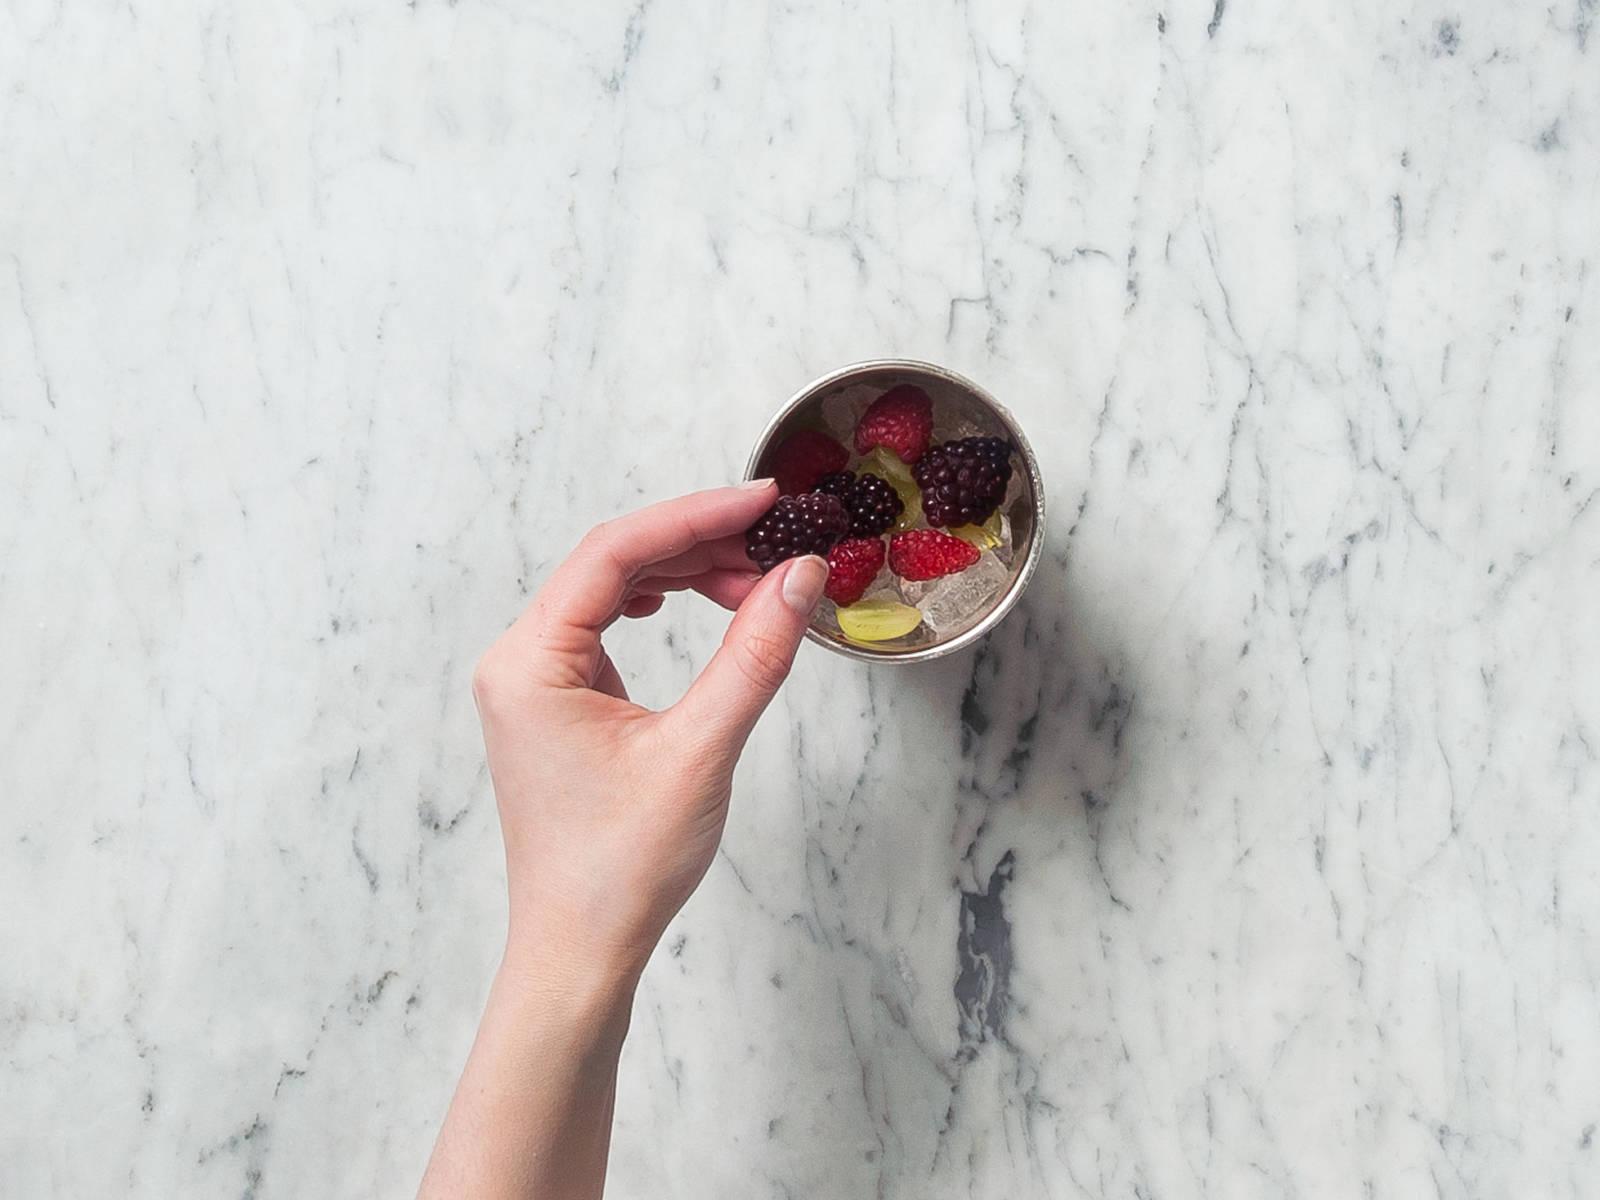 如有需要,可将当季水果切半。将刨冰放到玻璃杯中。放上处理好的水果。